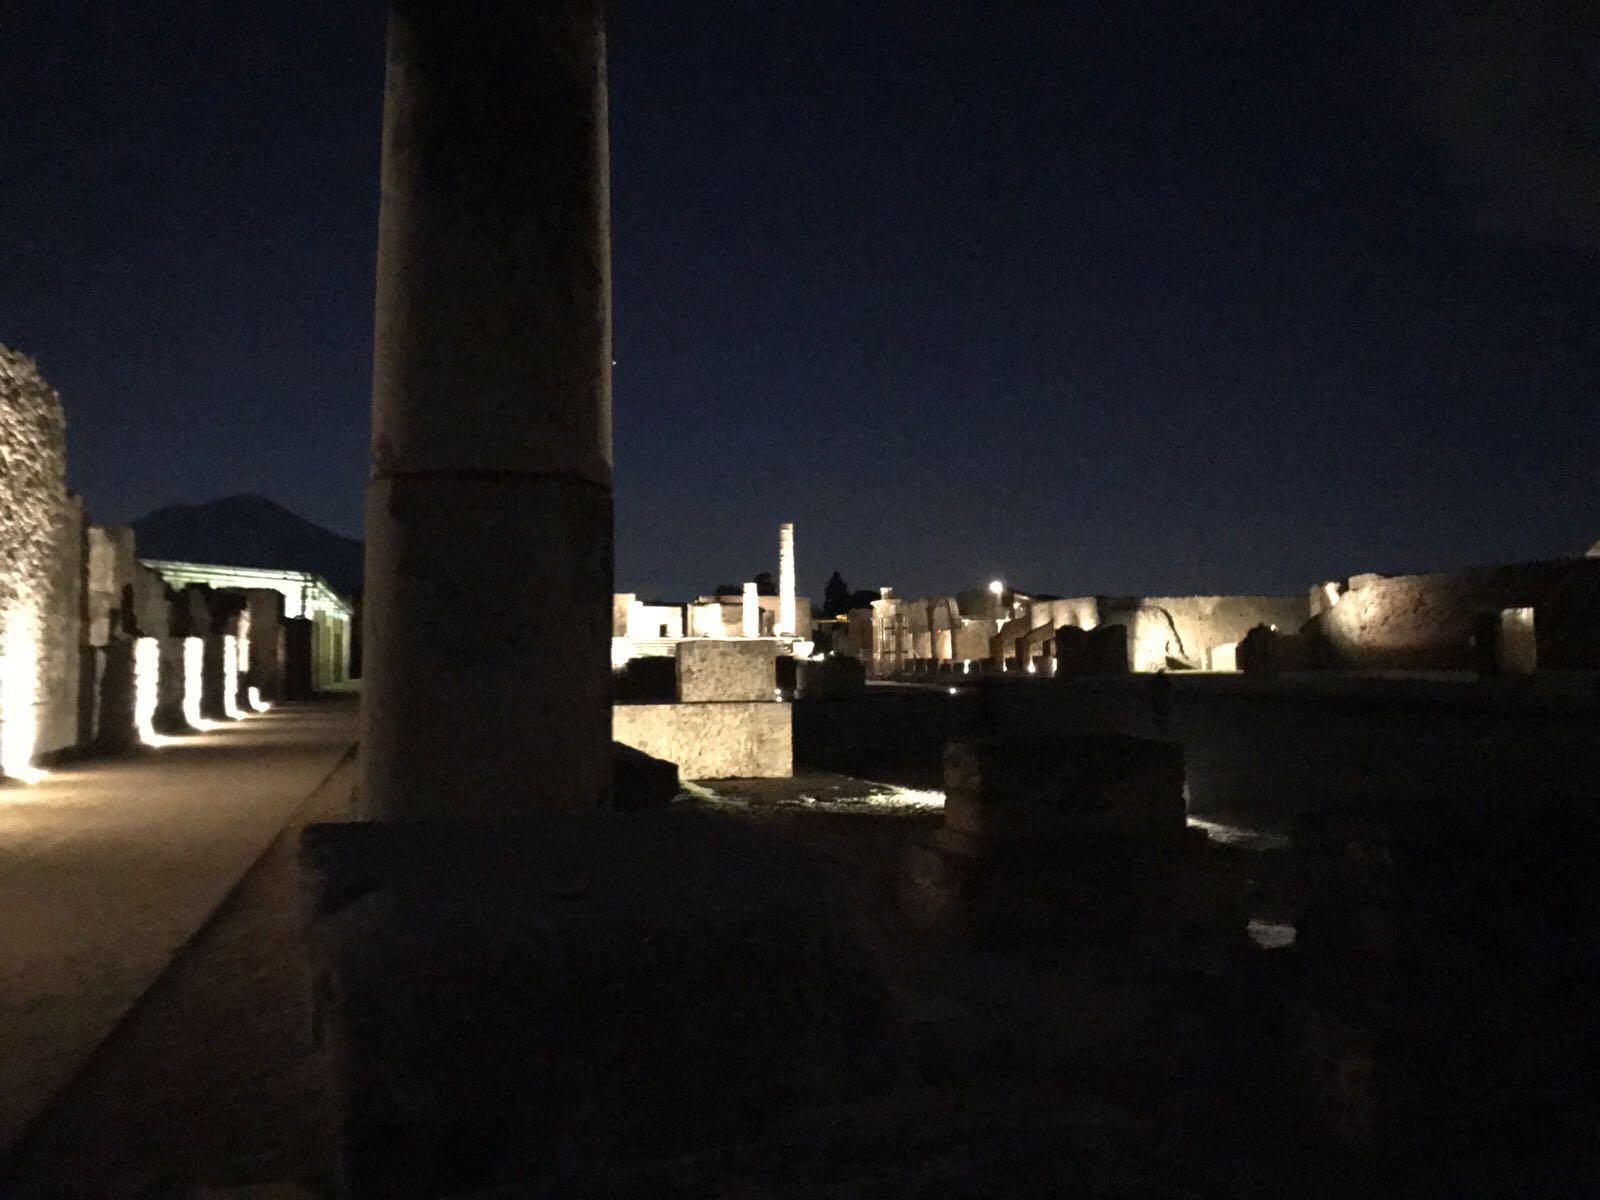 Scavi di Pompei: turista defeca nella domus del Menandro, è una vergogna